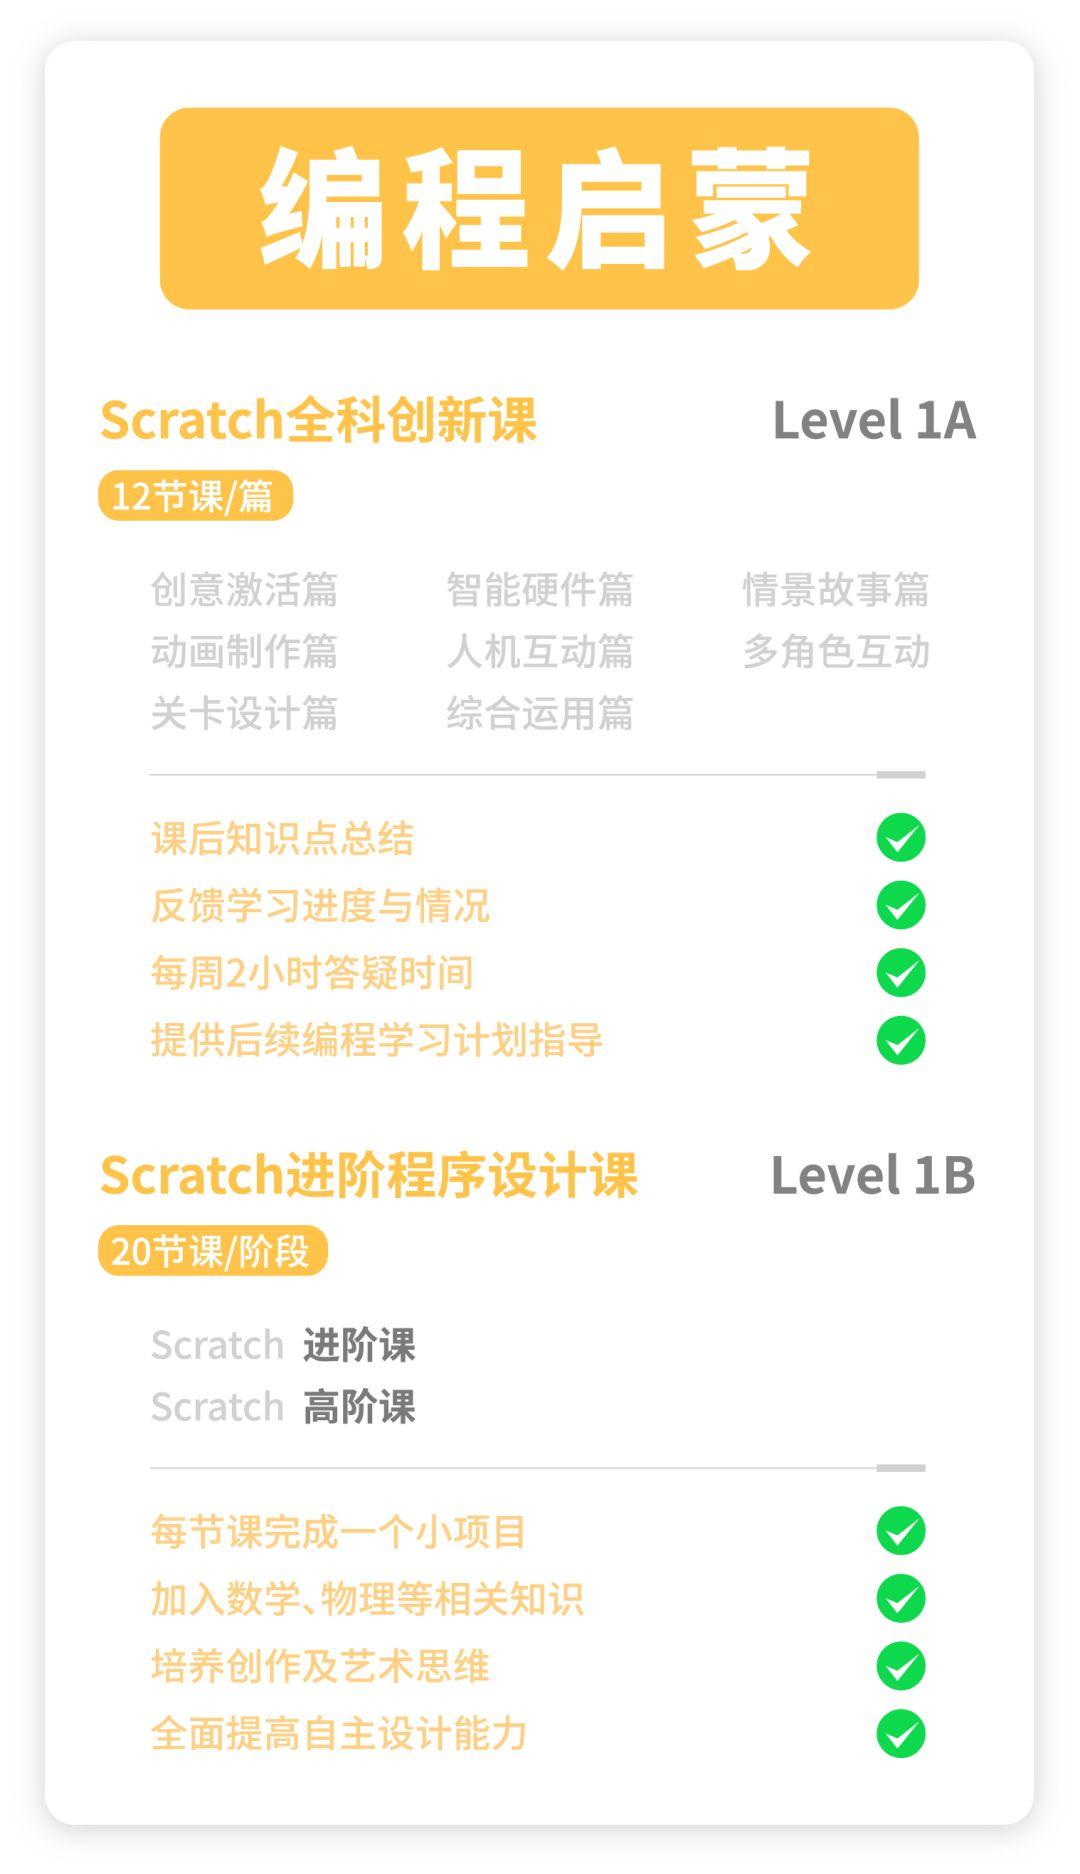 码趣少儿编程课程体系2.0正式发布!